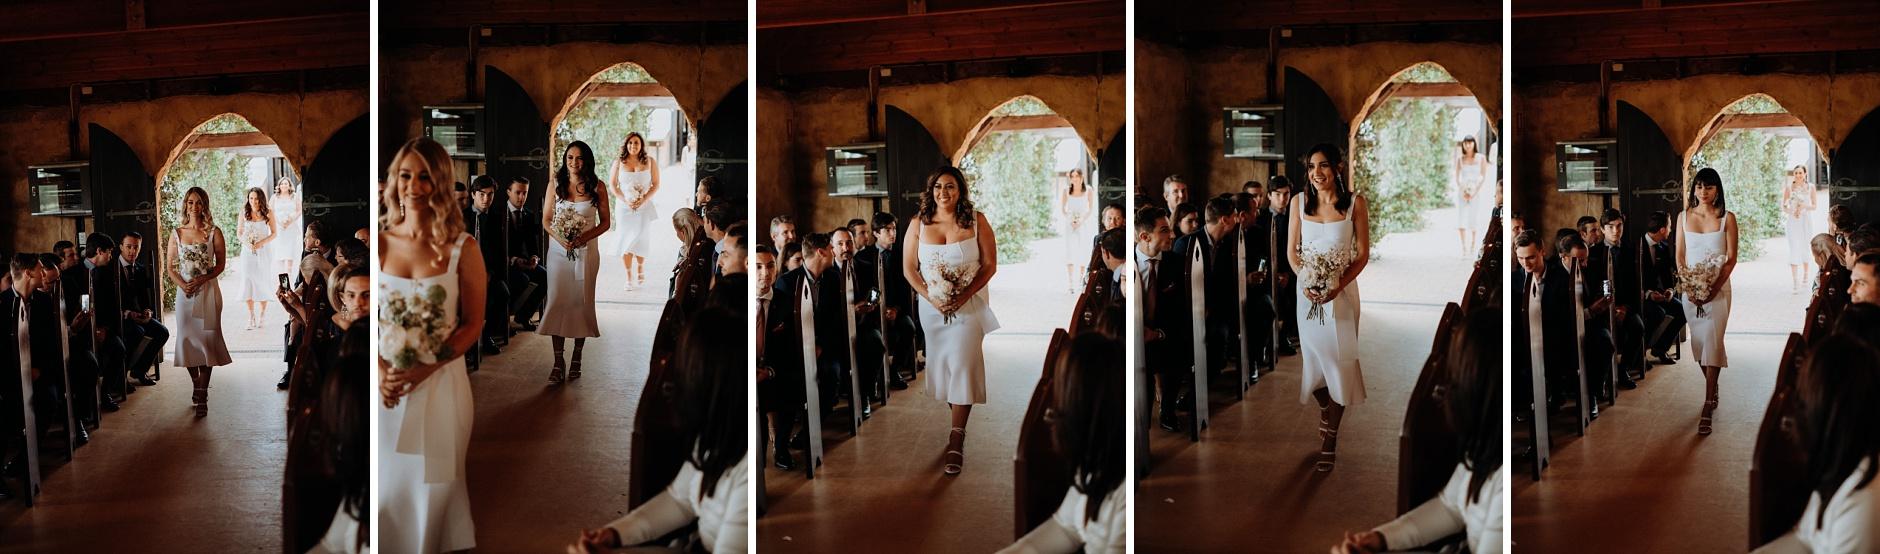 cassandra&cameron0356a_Peppers-Creek-Wedding.jpg